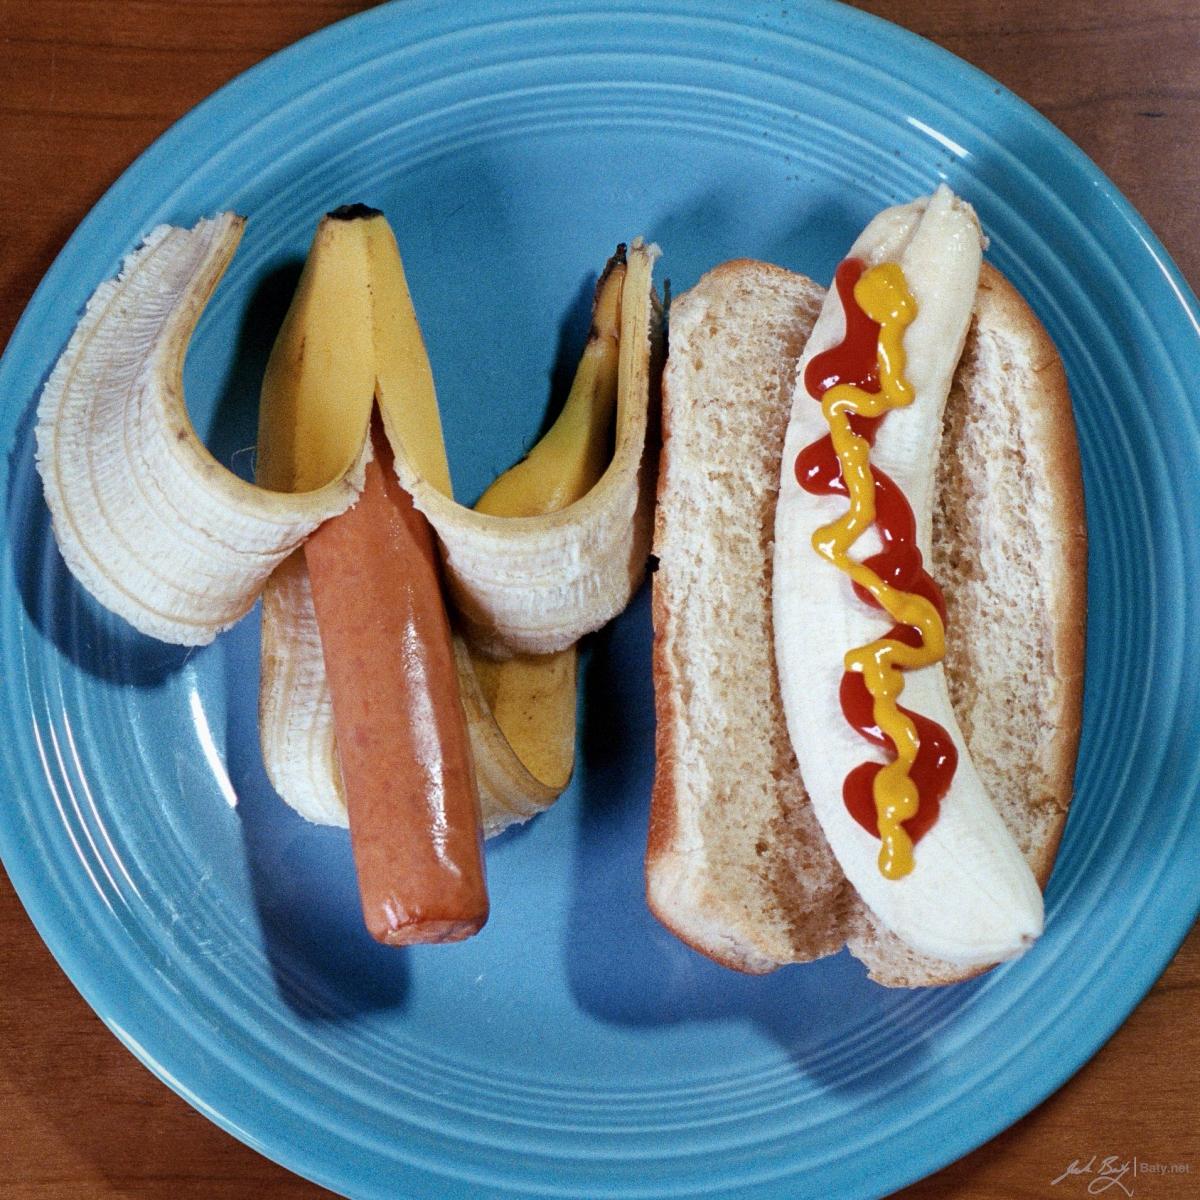 hot dog and banana art photo